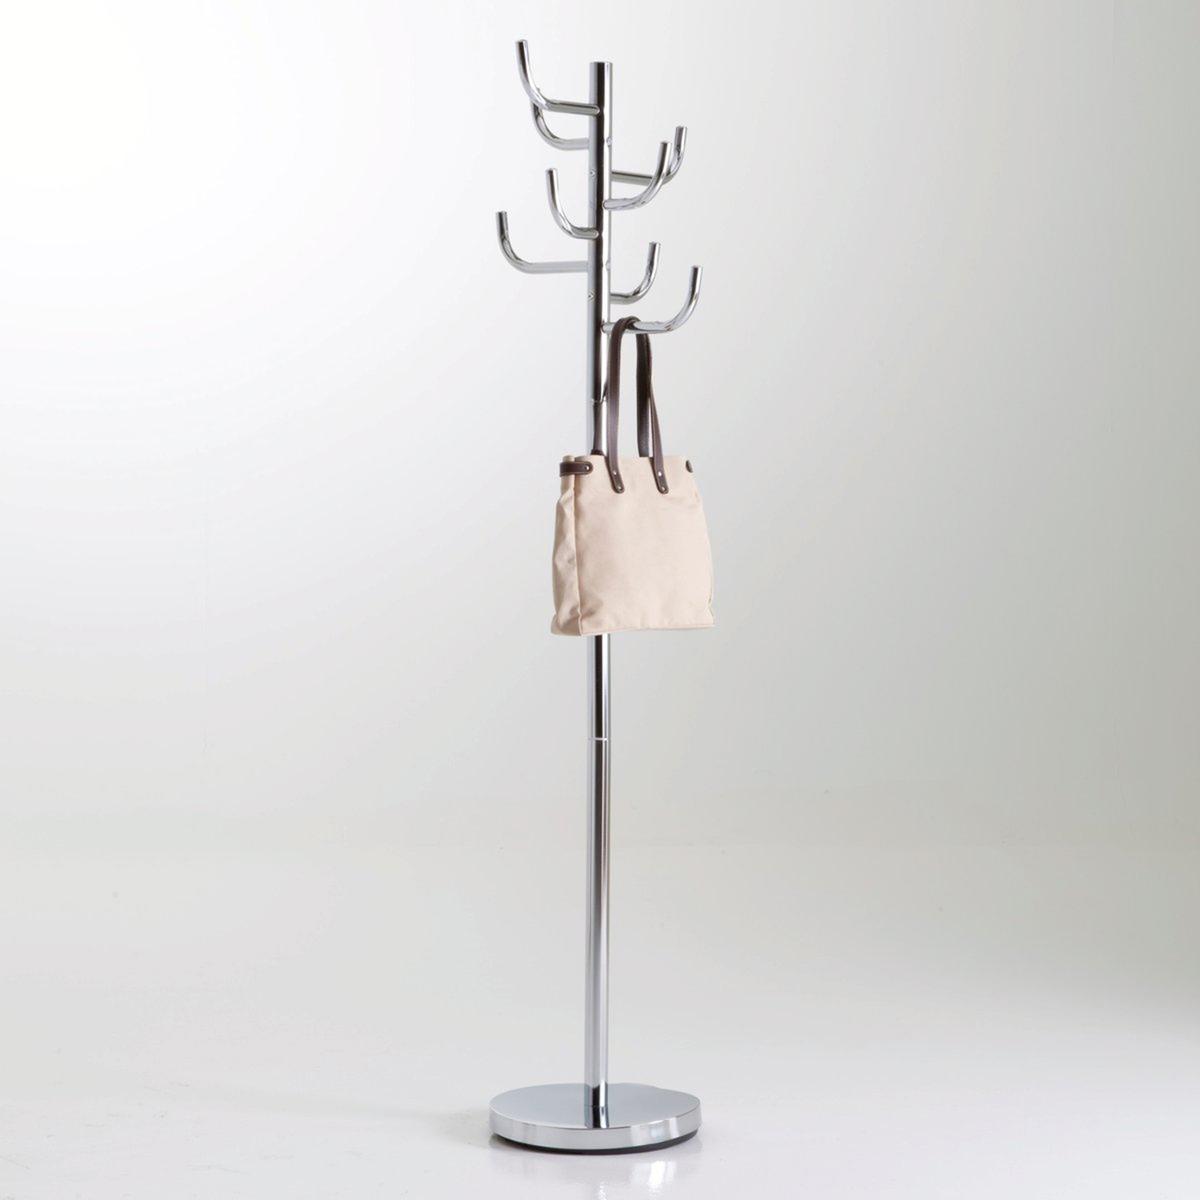 Вешалка LaRedoute Из хромированного металла в форме кактуса единый размер серый